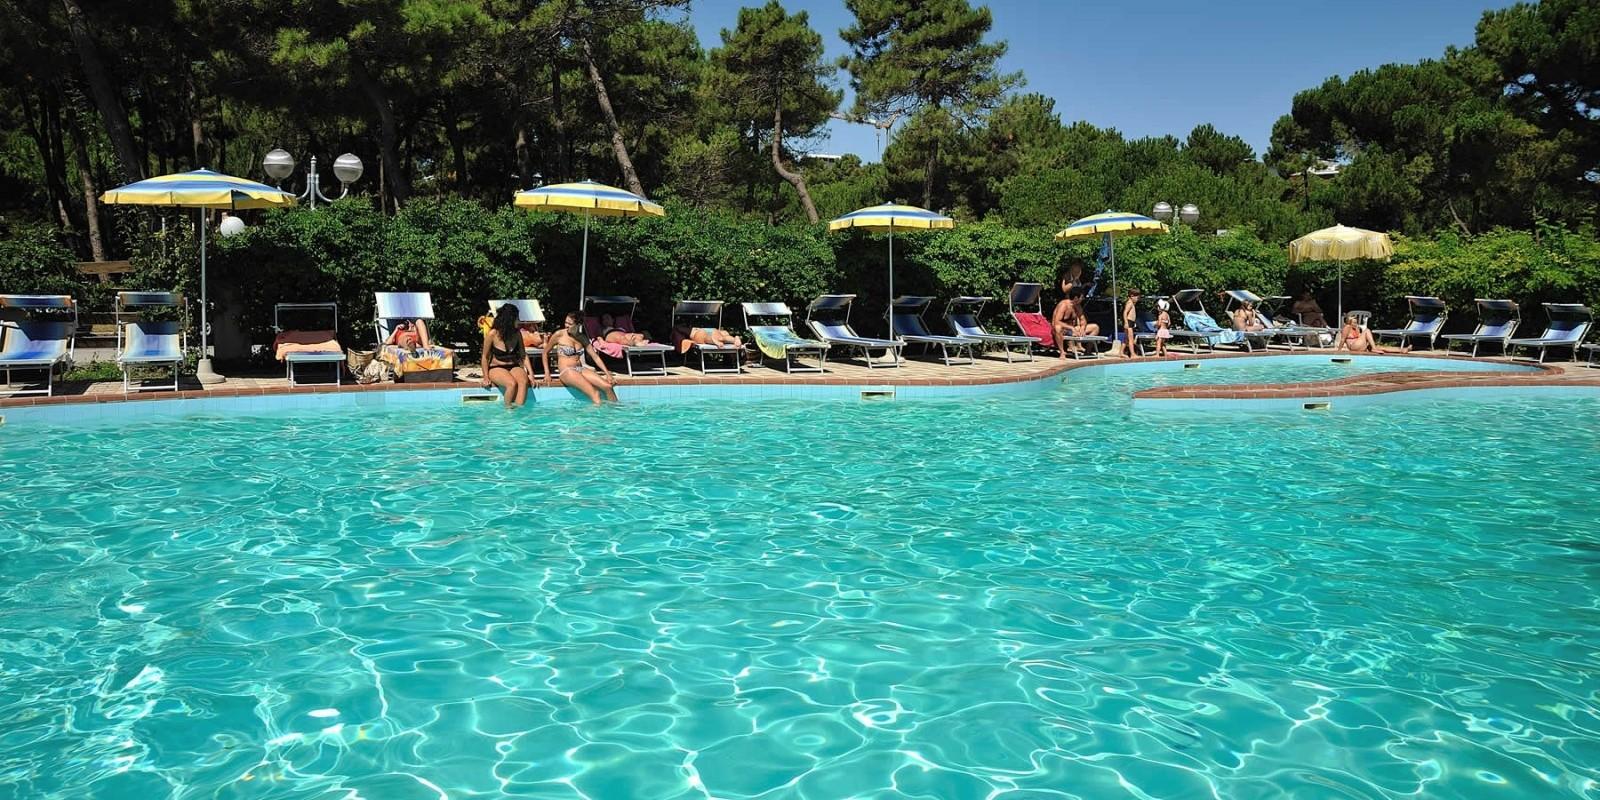 Le migliori piscine a milano - Piscine usate subito it ...